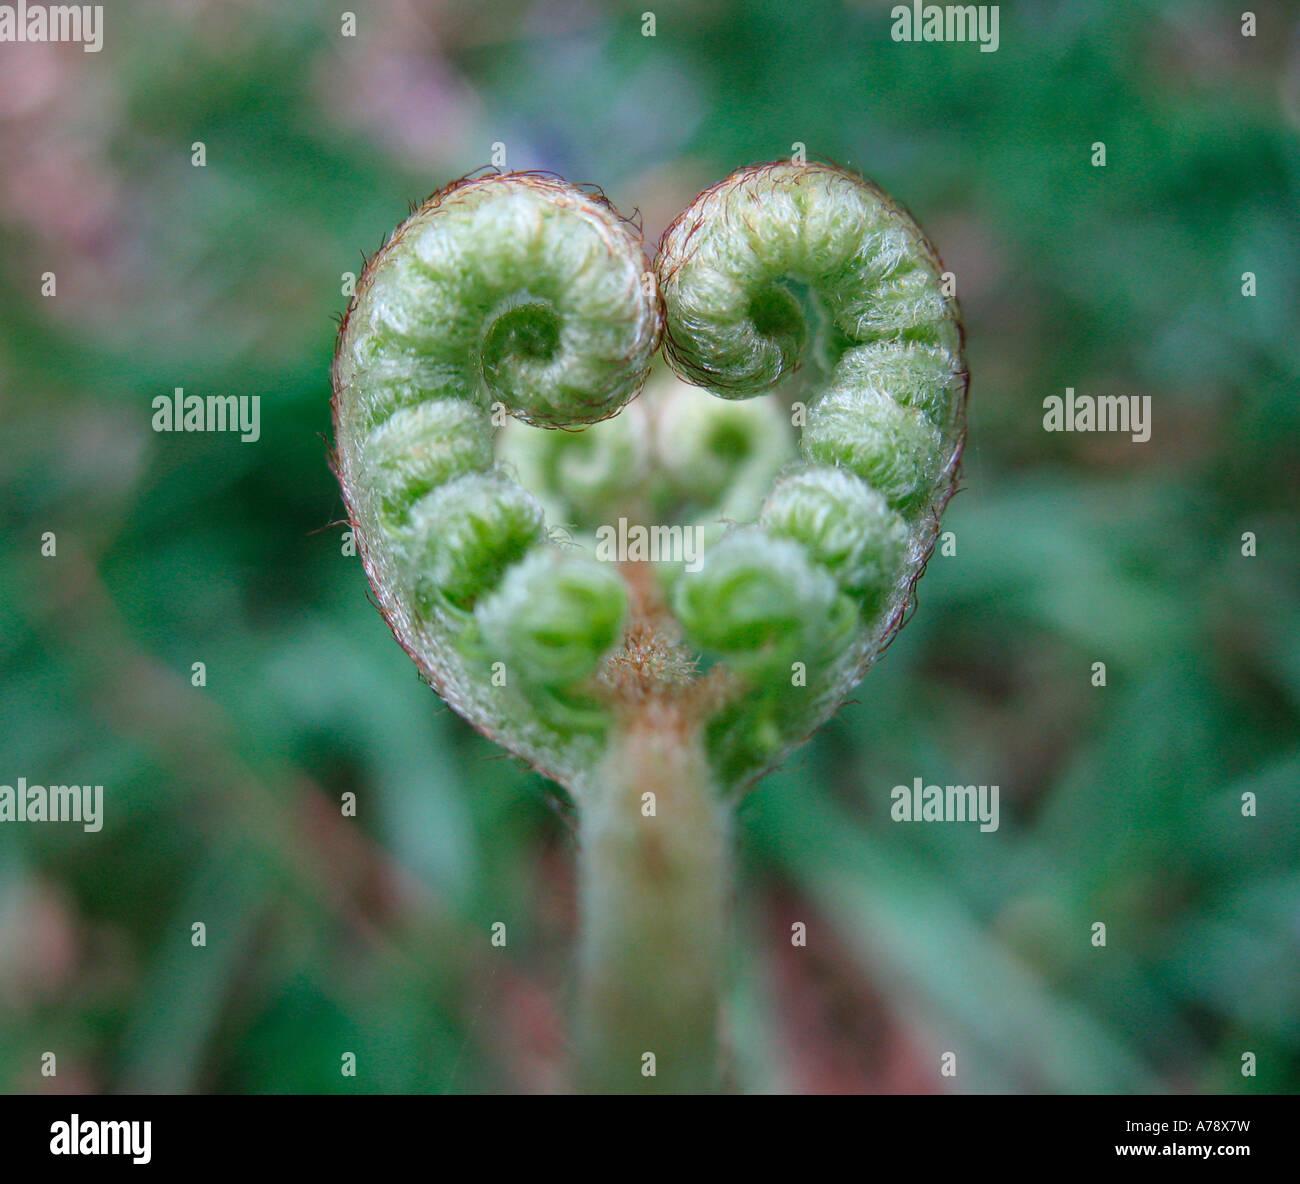 Un cuore sagomata formata di recente foglia di felce nelle prime fasi di crescita Immagini Stock